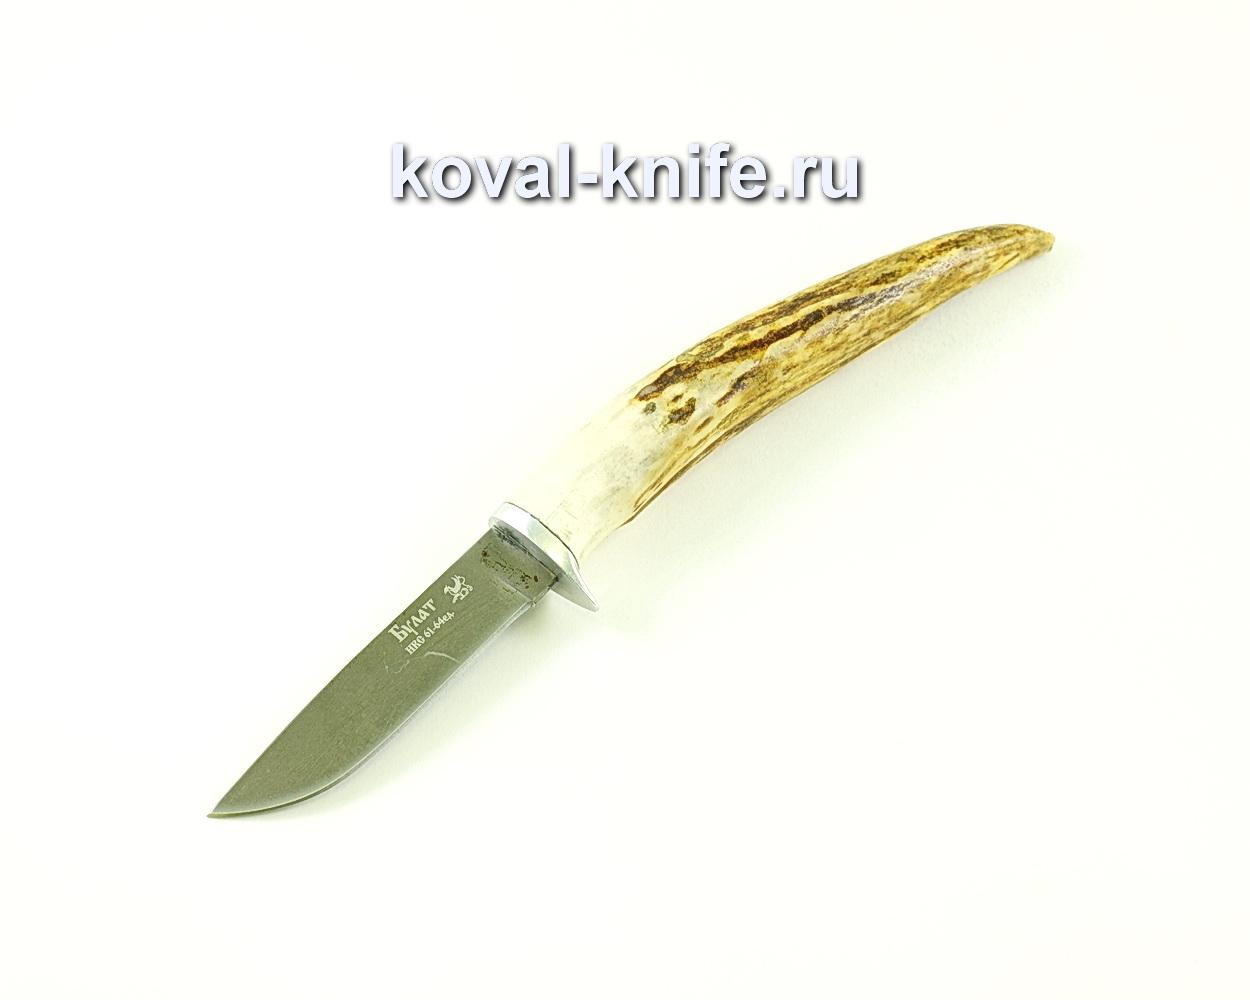 Нож Грибник (сталь Булат), рукоять рог лося A145